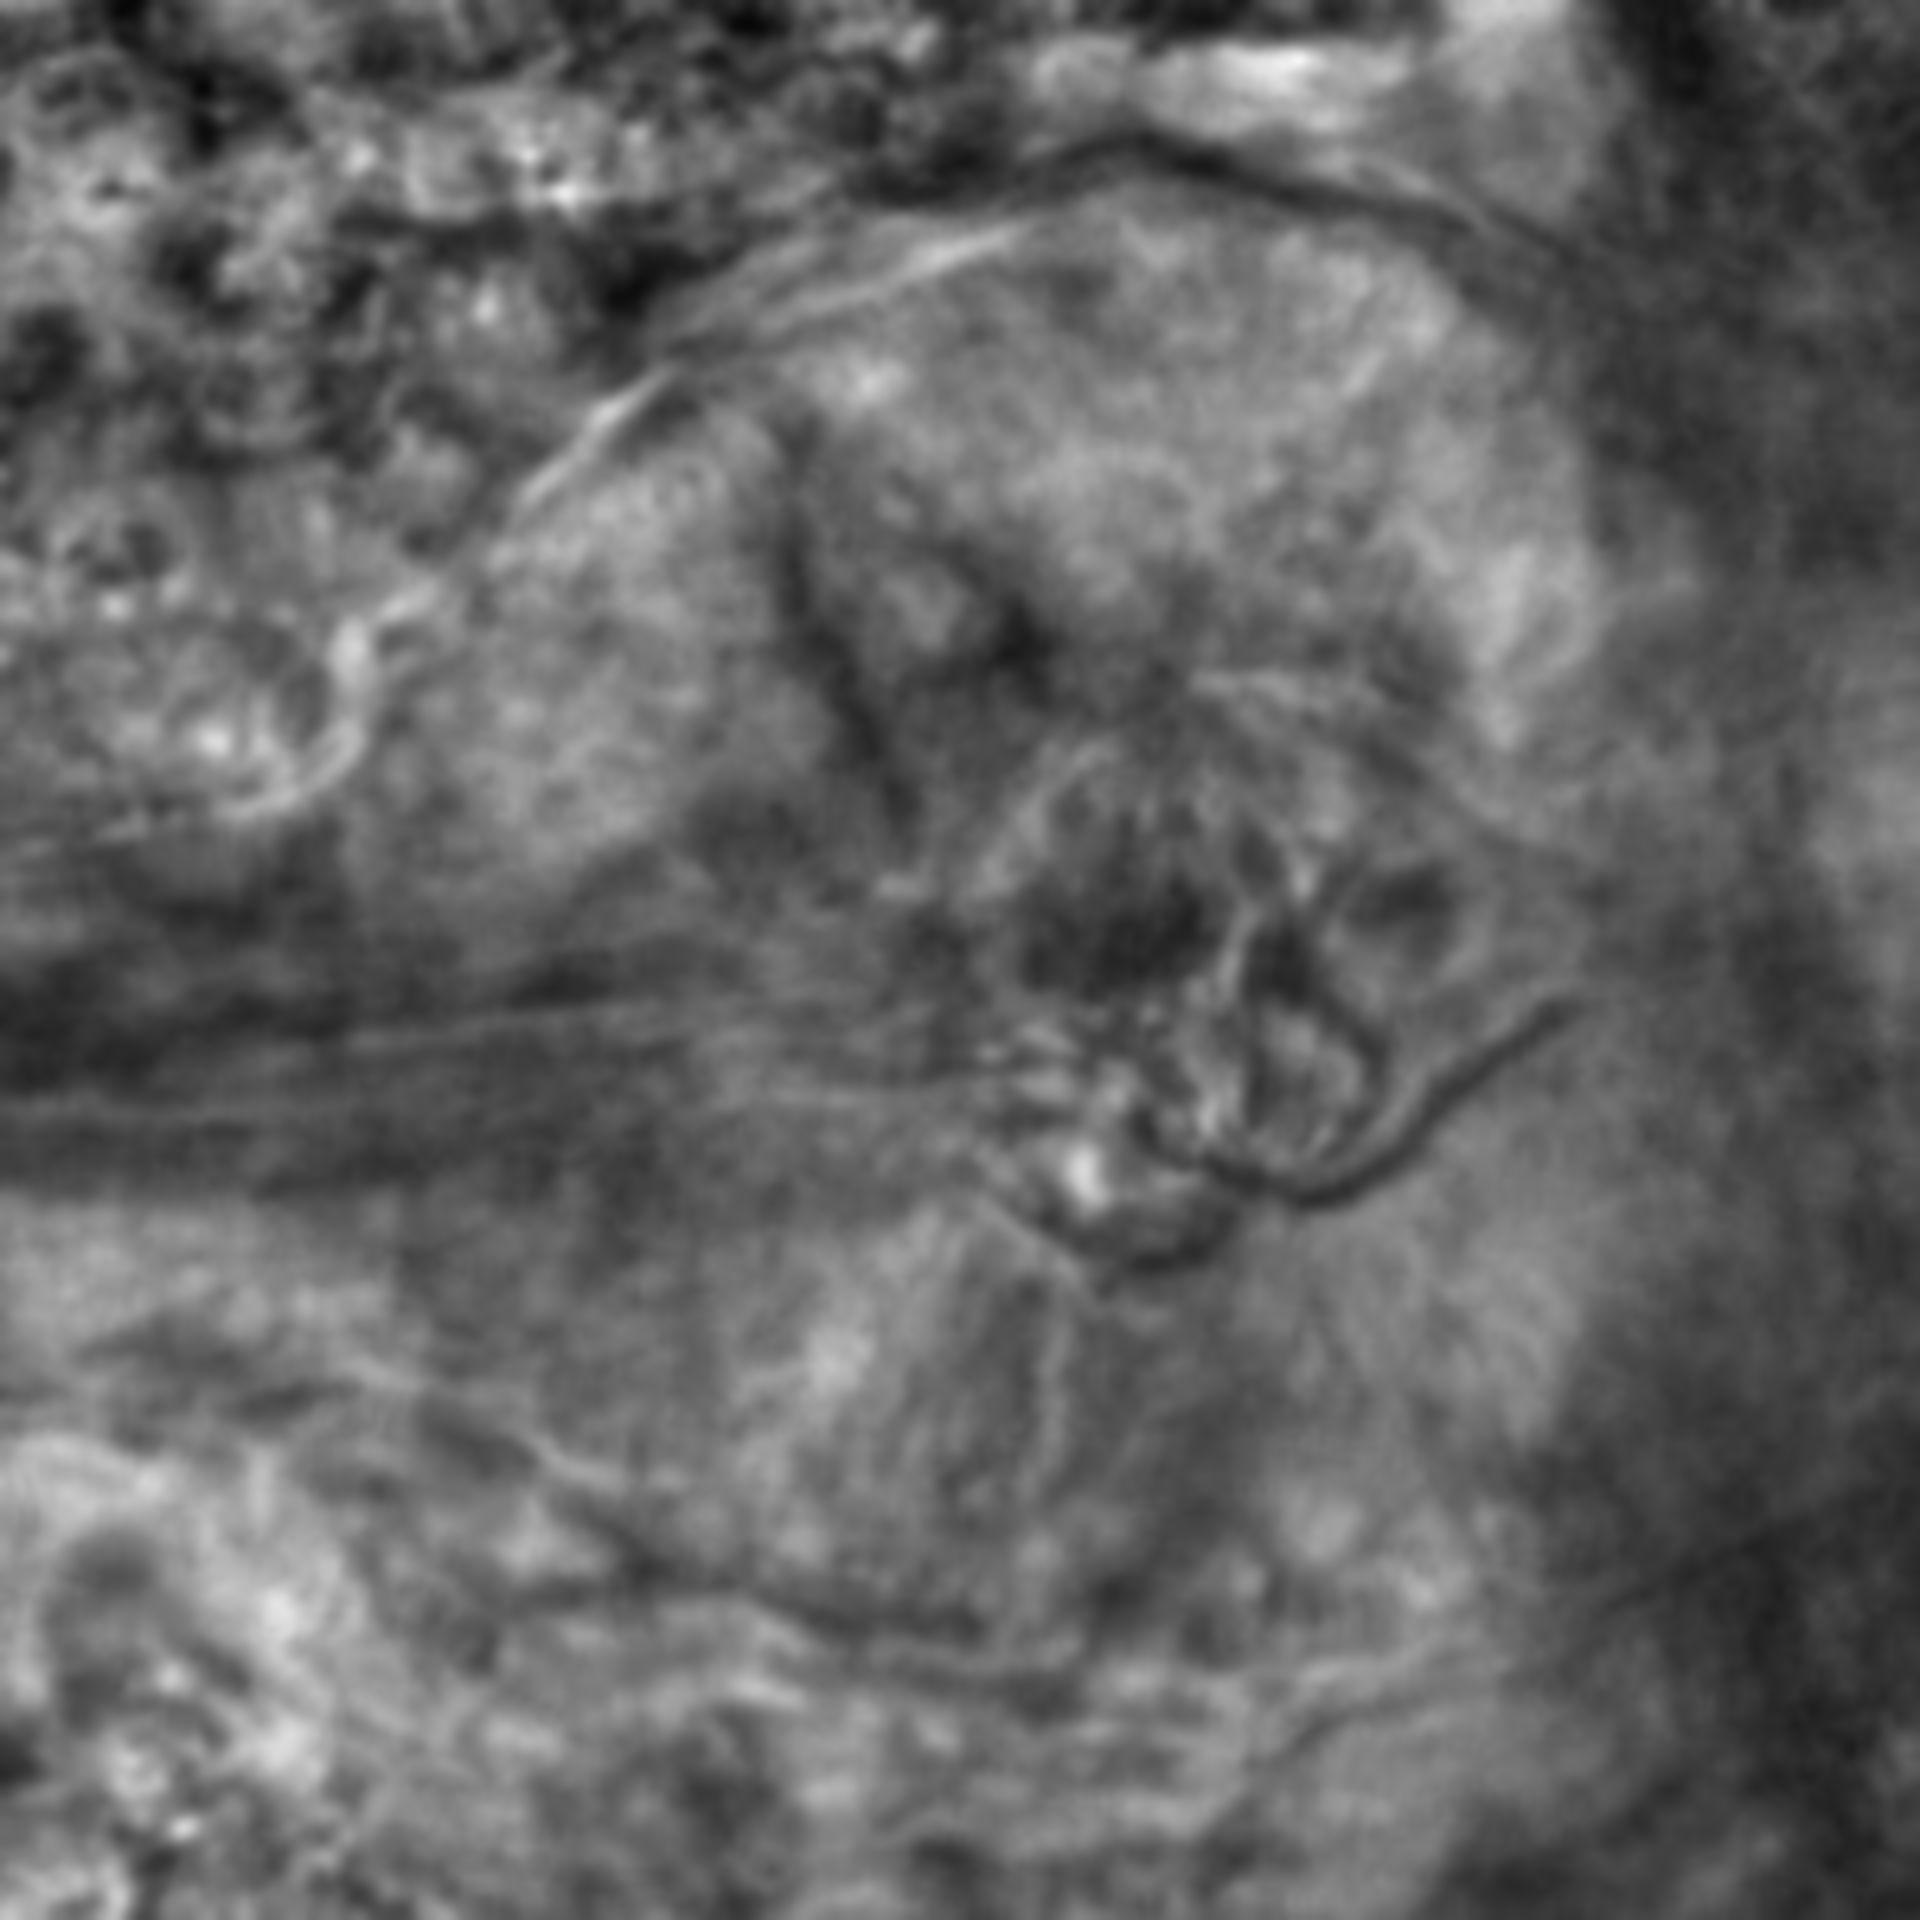 Caenorhabditis elegans - CIL:2566